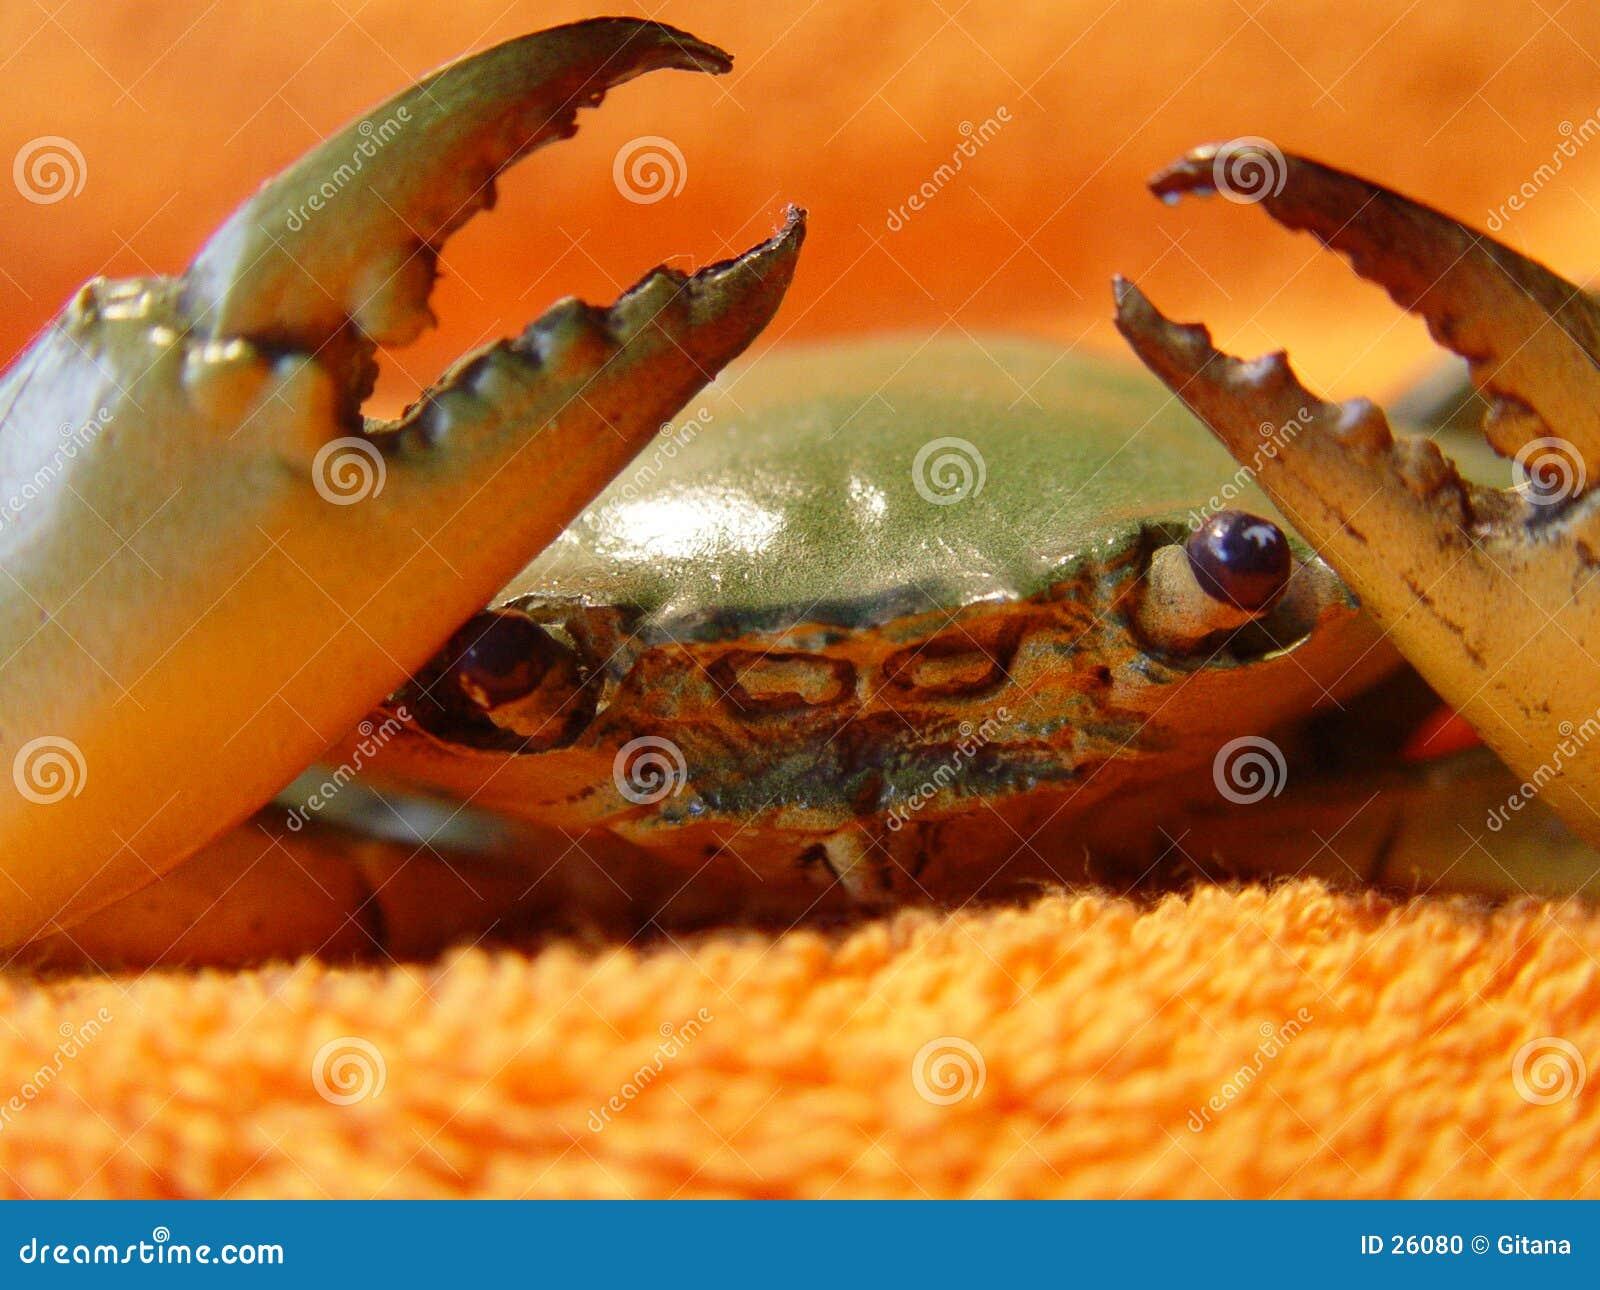 Lobster Green crab details